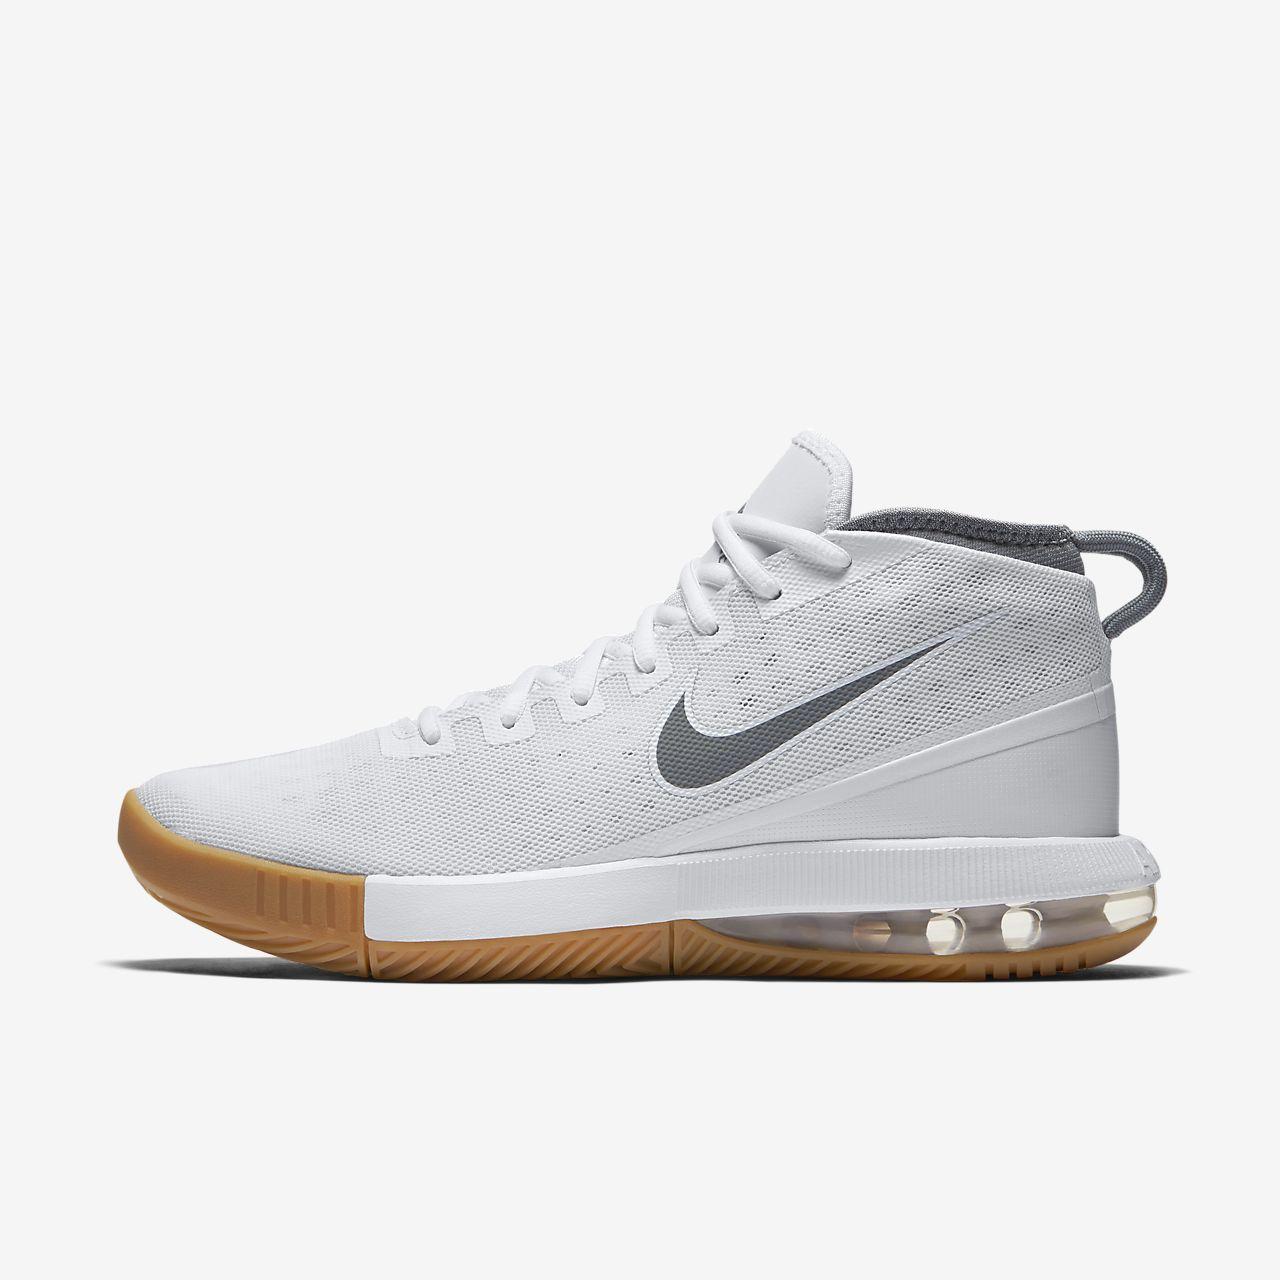 ... Nike Air Max Dominate Men's Basketball Shoe